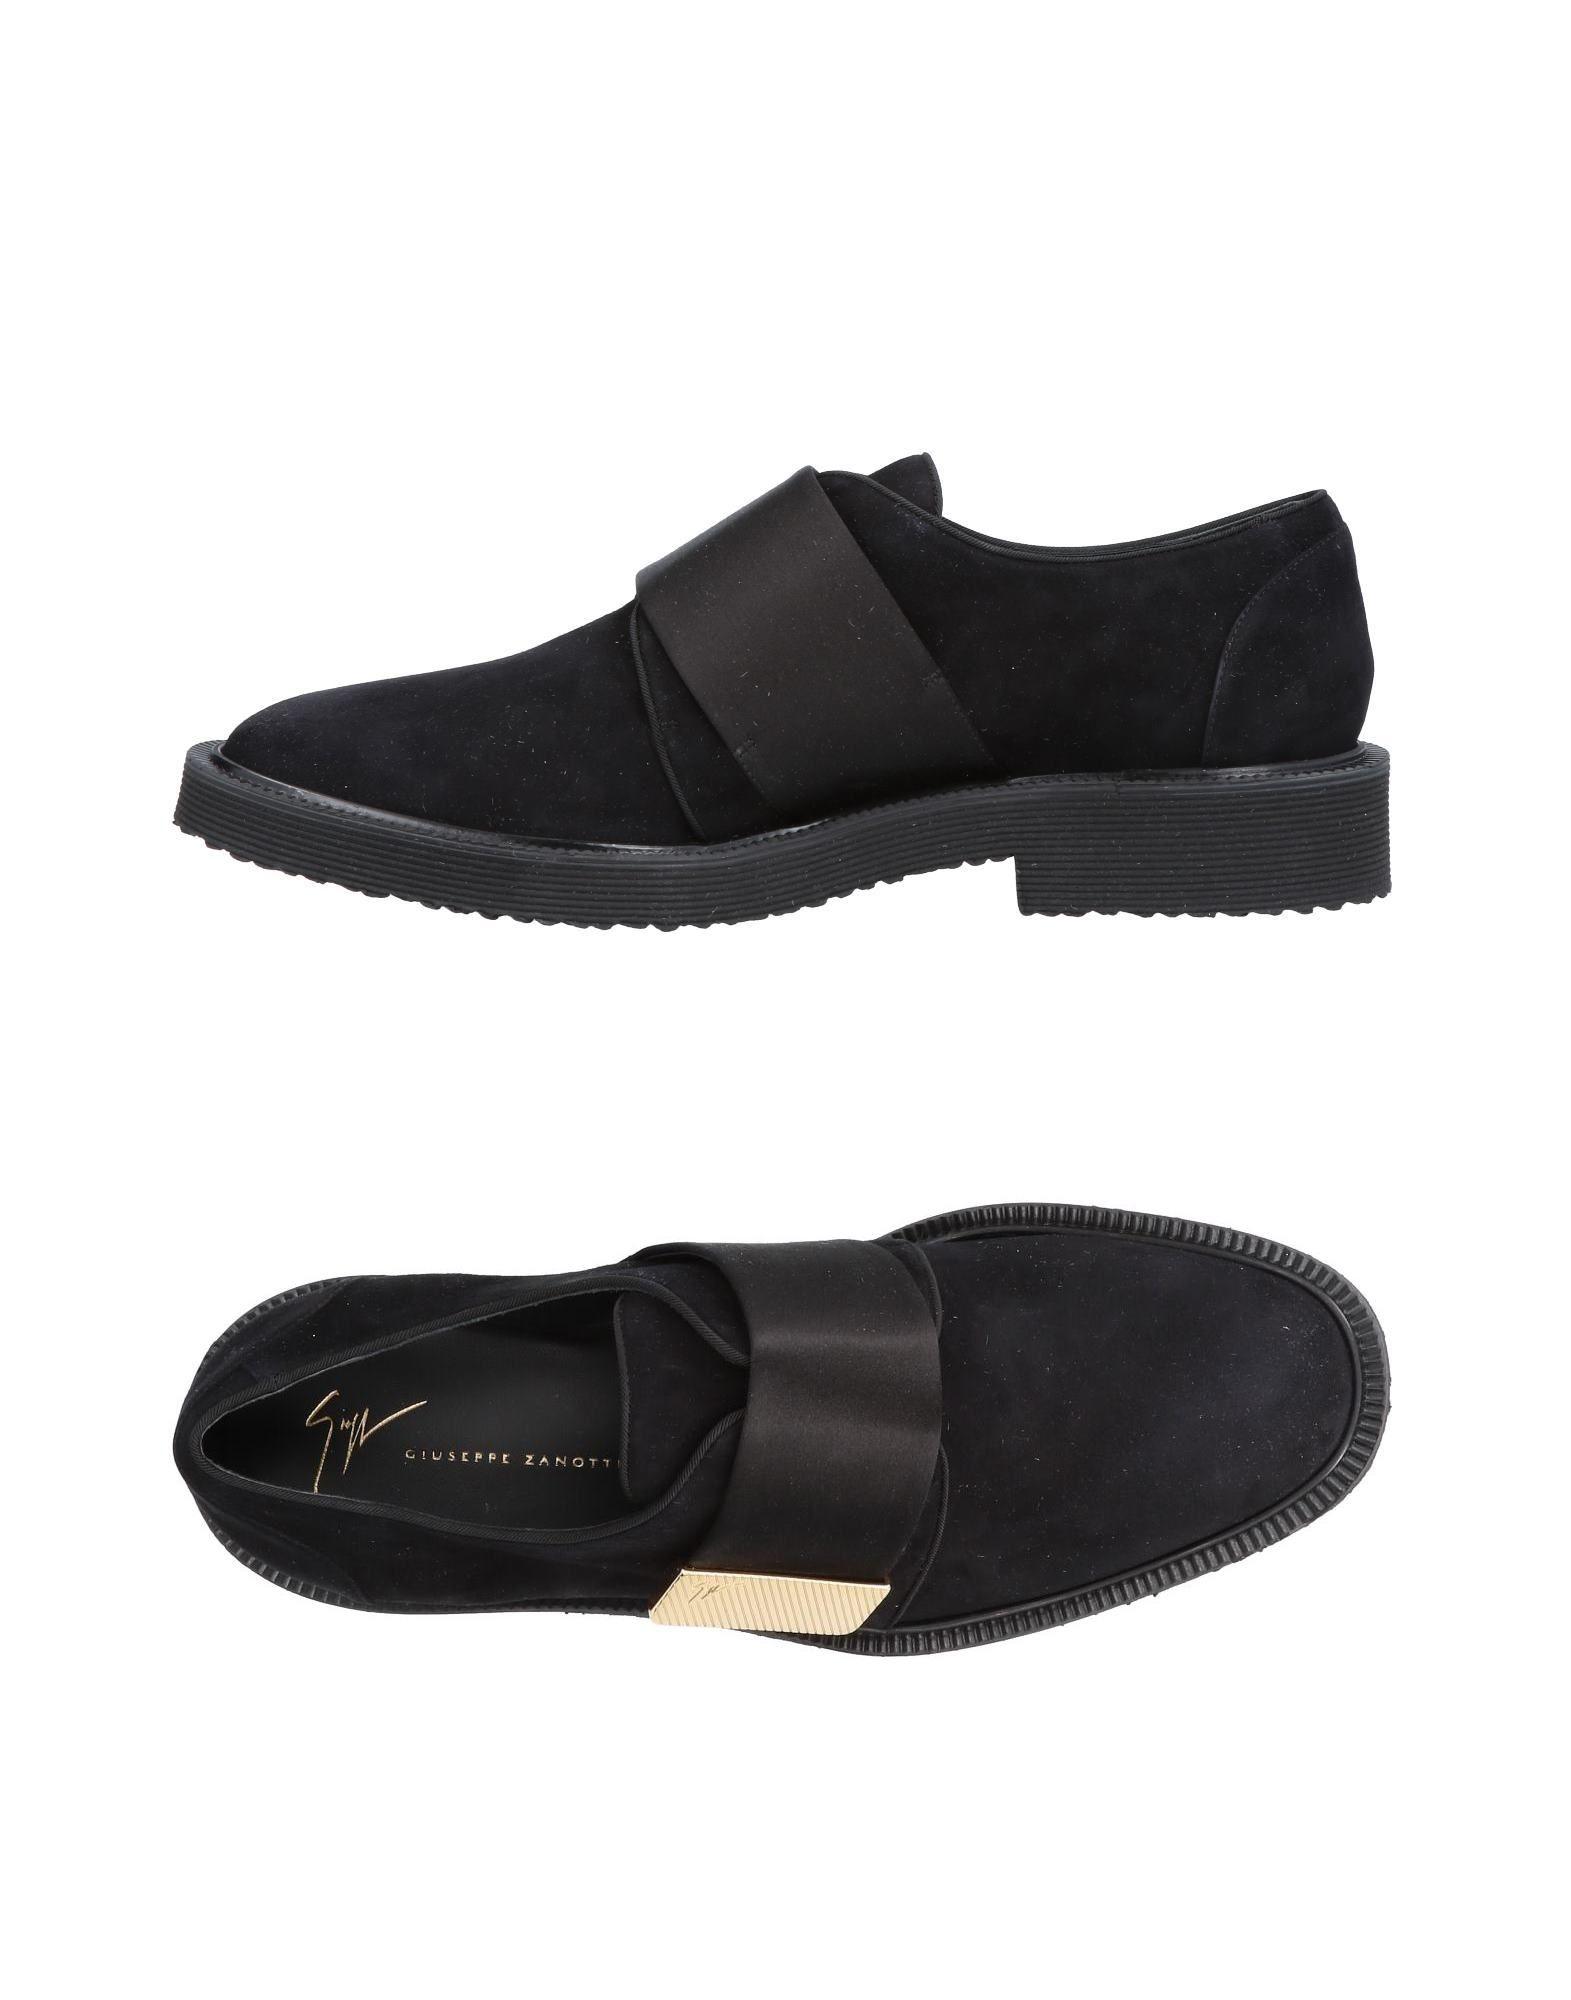 Giuseppe Zanotti Mokassins Herren  11465731FT Gute Qualität beliebte Schuhe